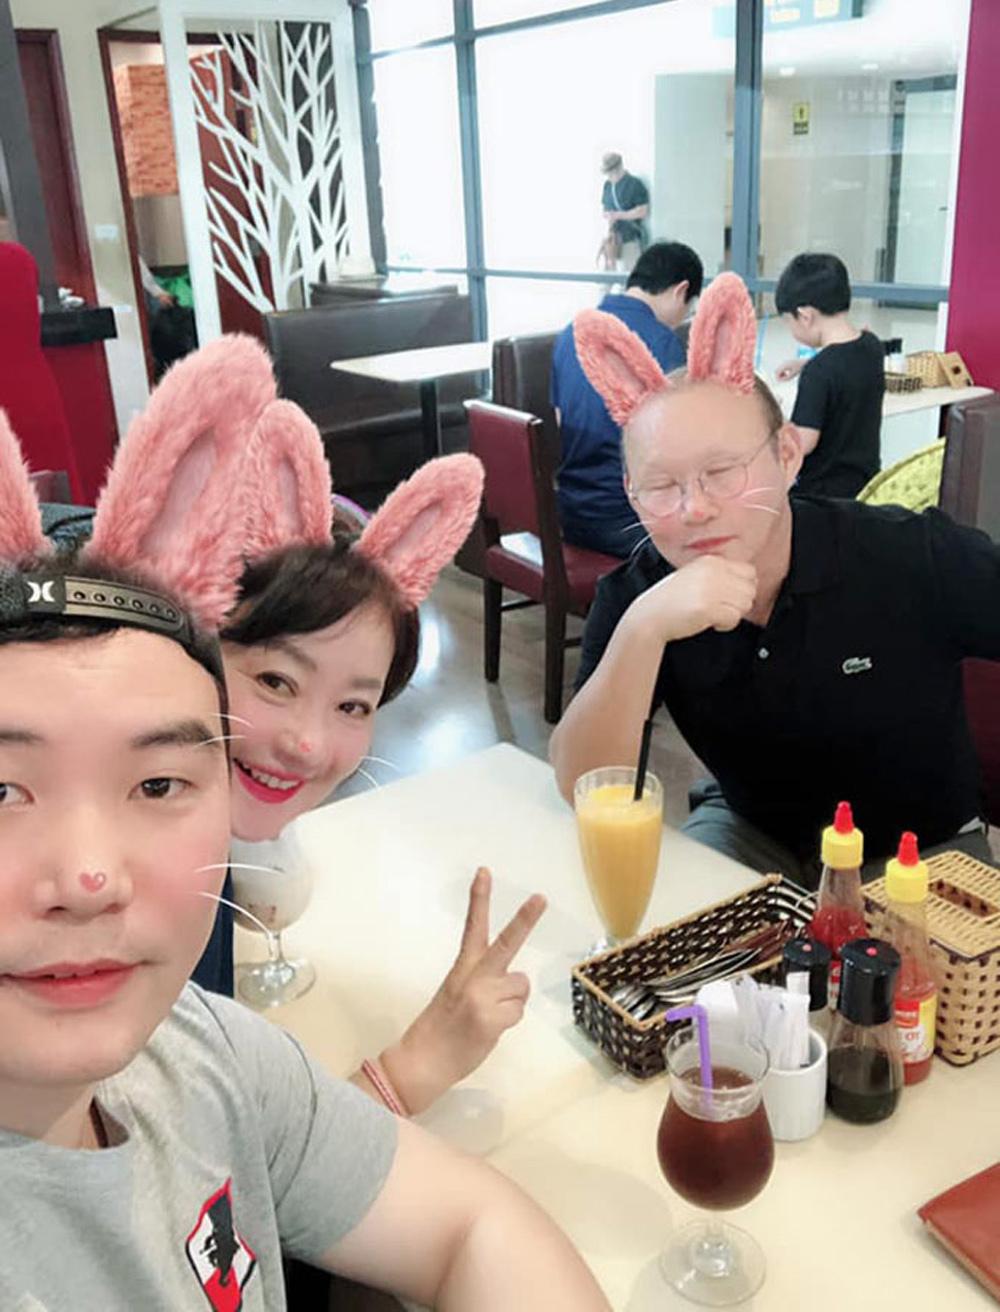 Con trai HLV Park Hang Seo chia sẻ bất ngờ khi Việt Nam thắng Thái Lan-3